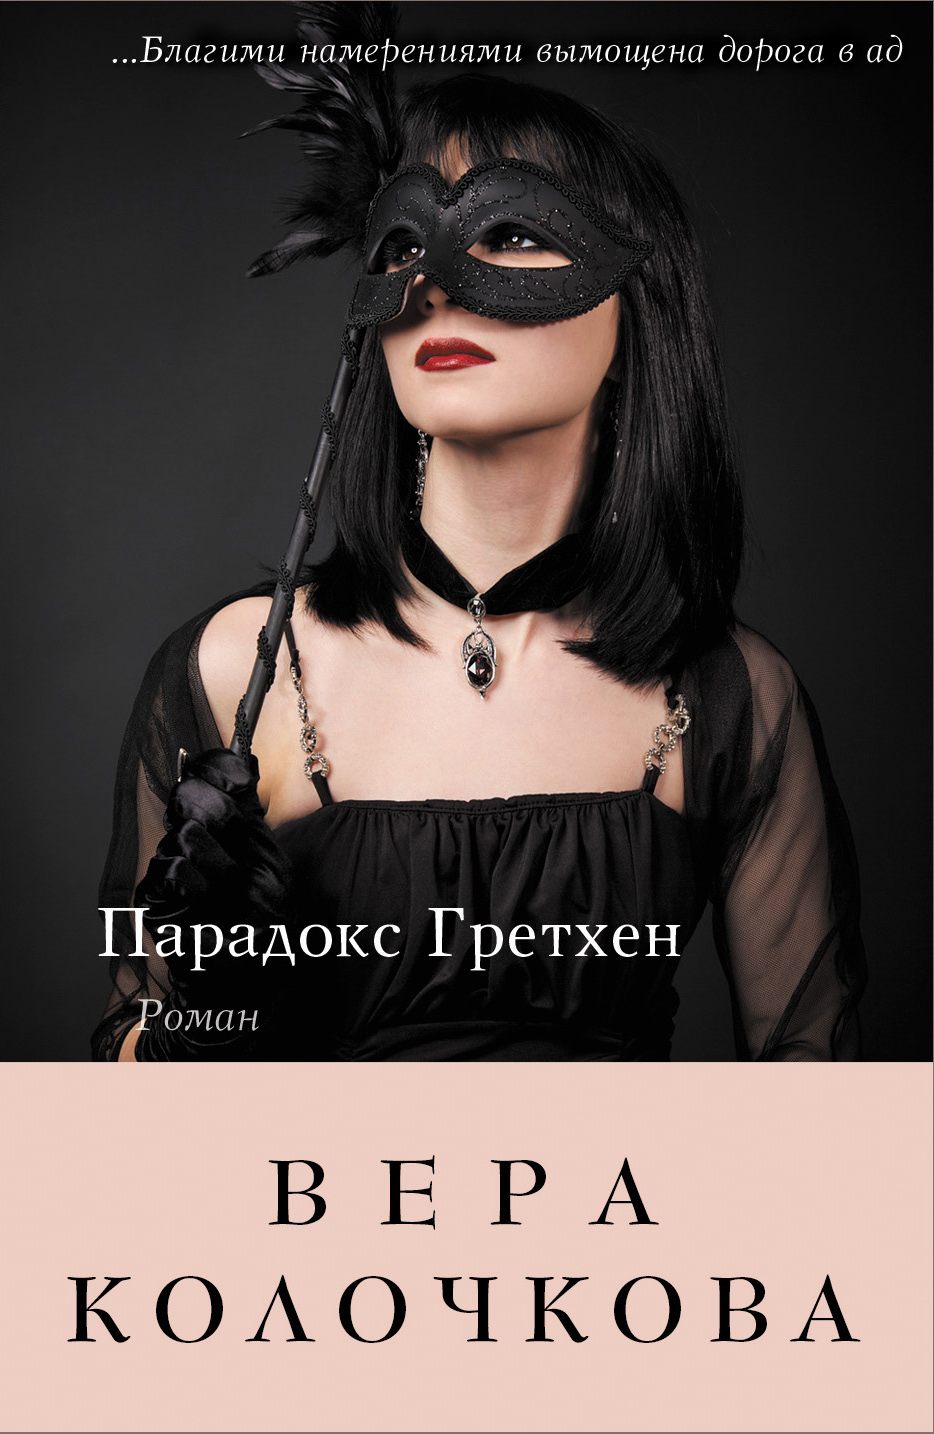 Вера Колочкова Парадокс Гретхен